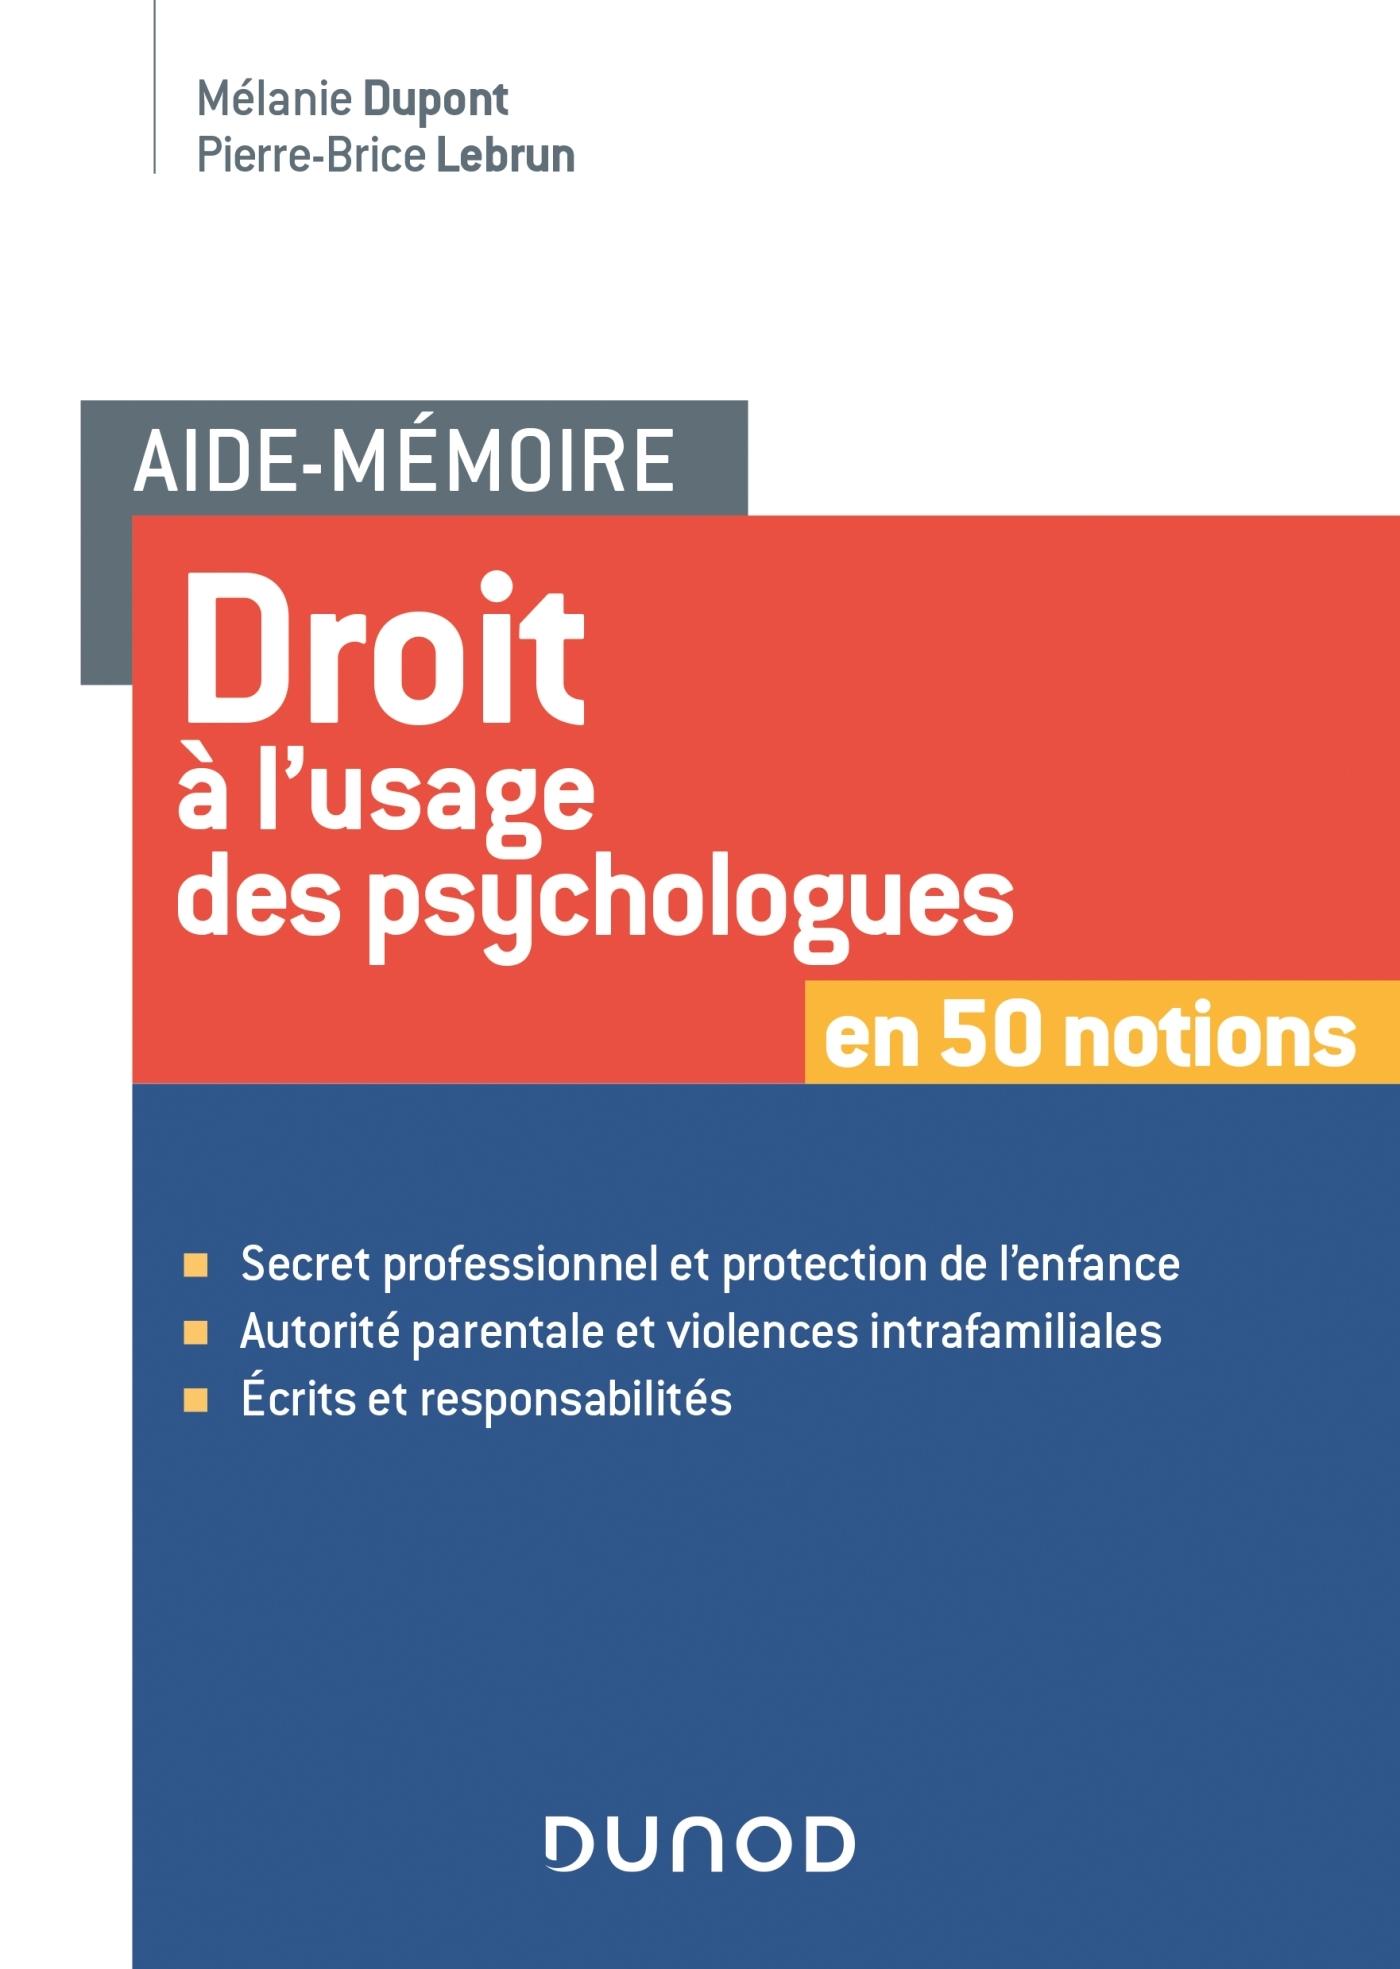 AIDE-MEMOIRE - DROIT A L'USAGE DES PSYCHOLOGUES